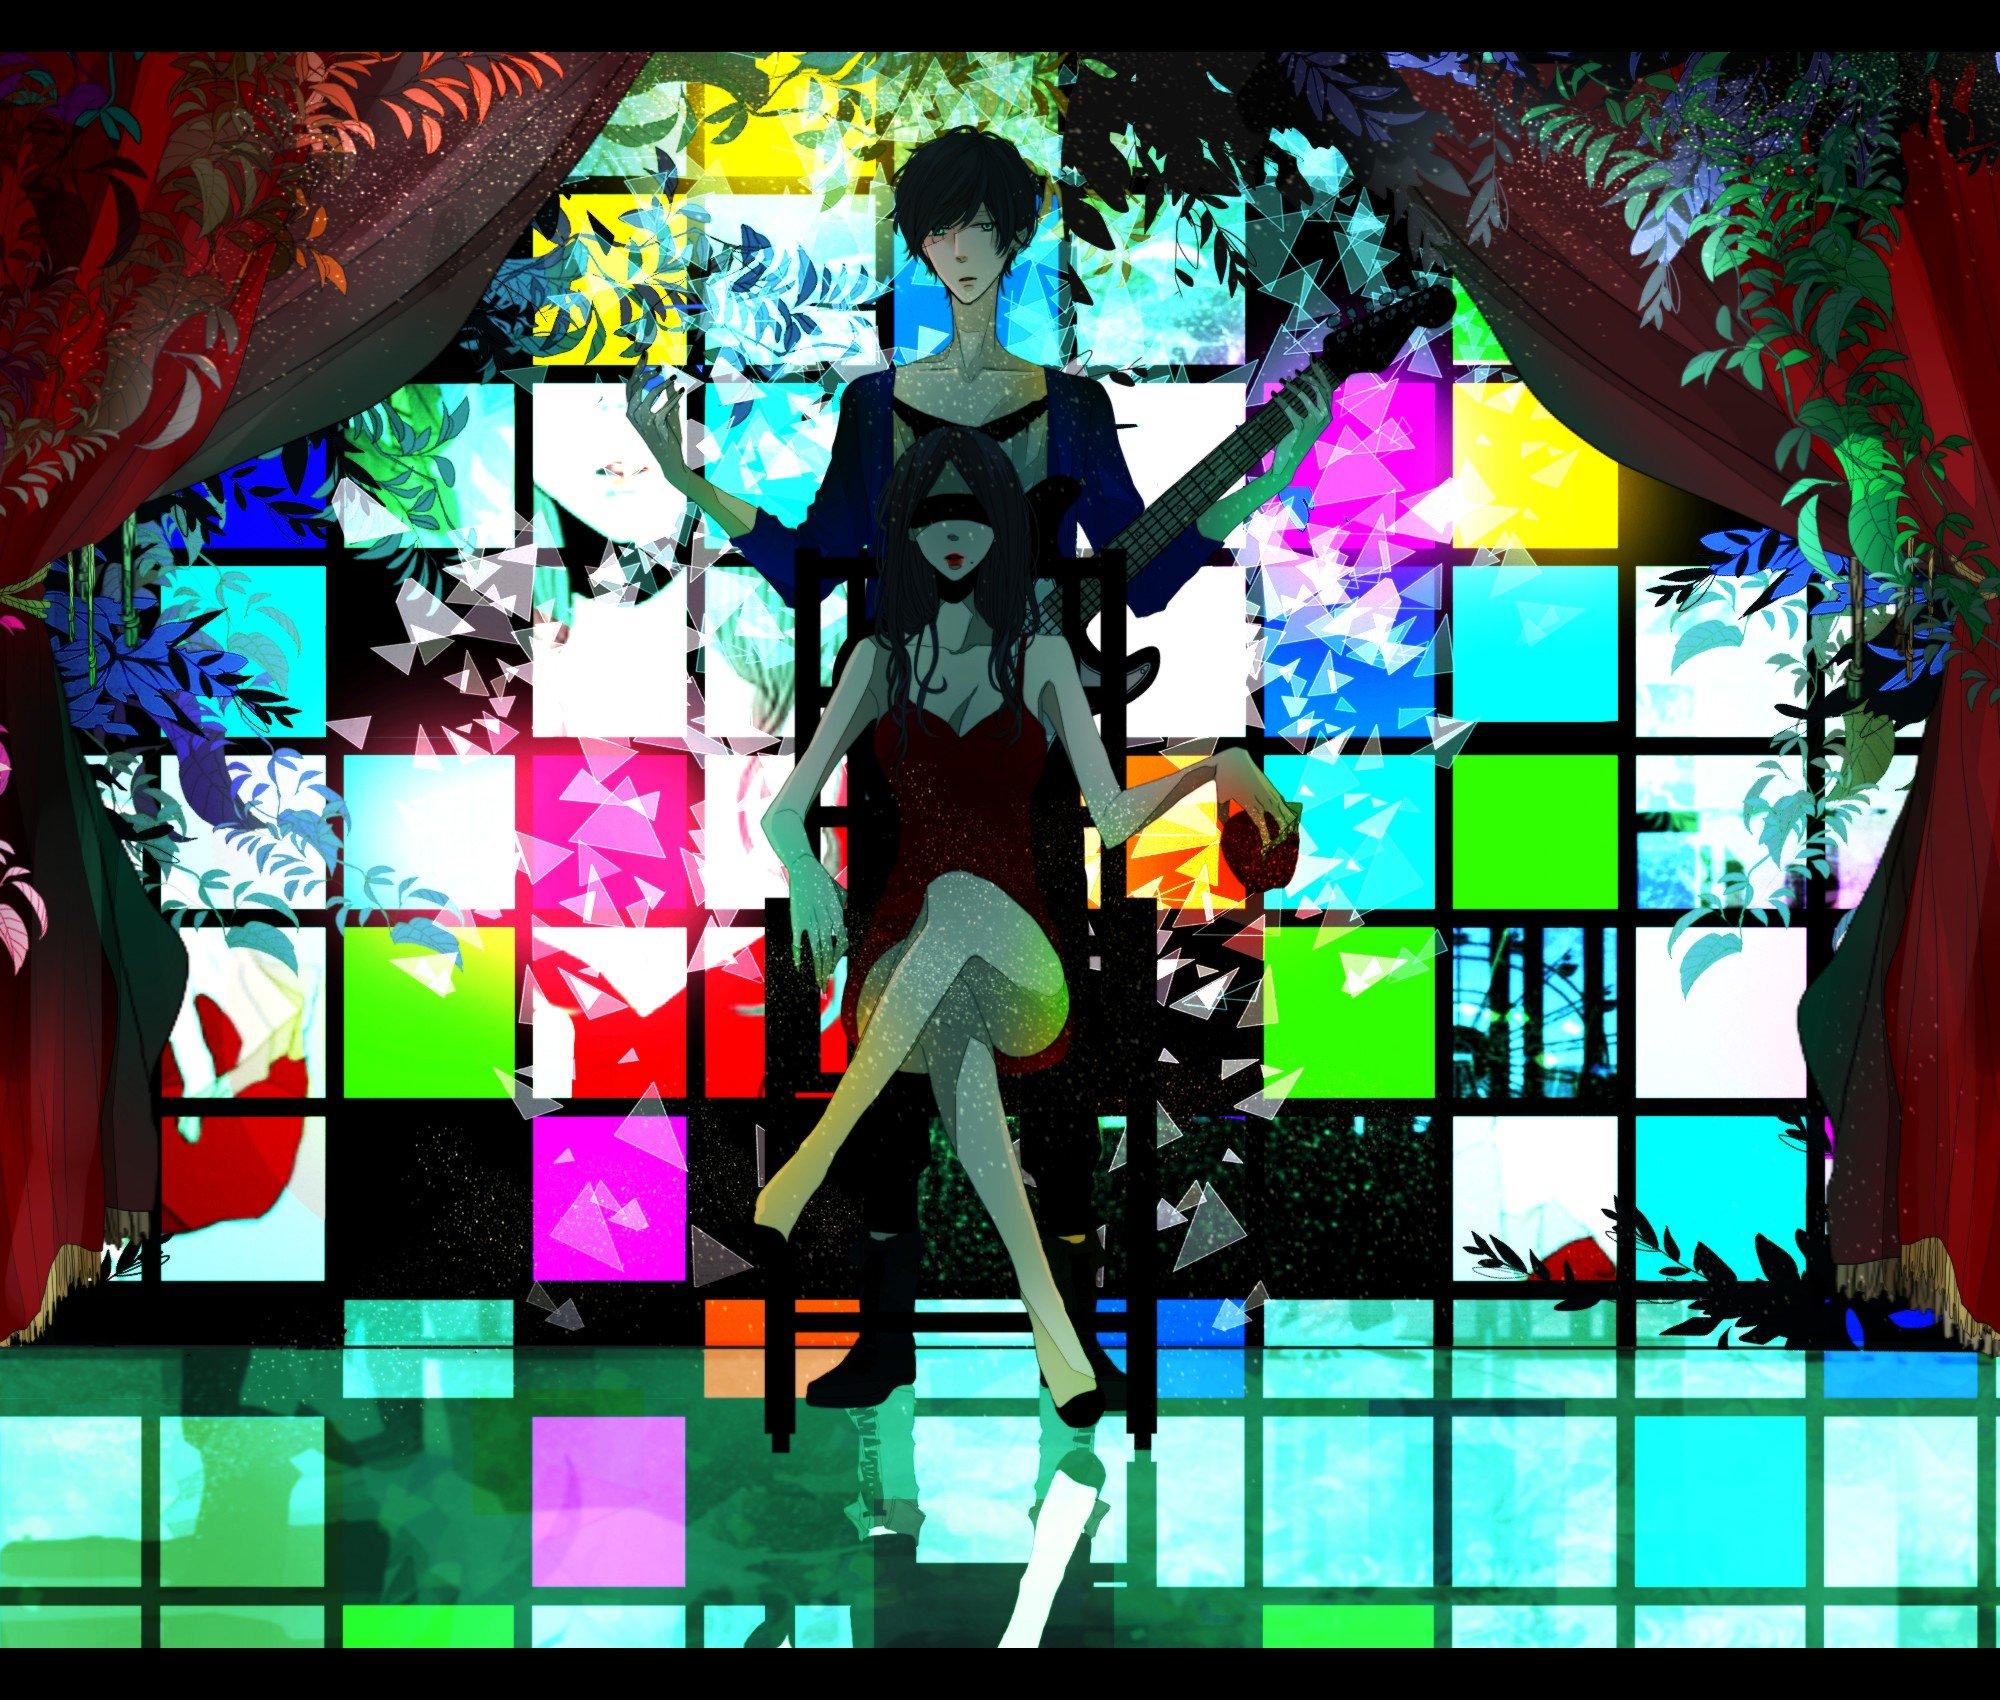 Арты--Доброй Ночи--КНБ--^_^/ >SHIO - Изображение 13